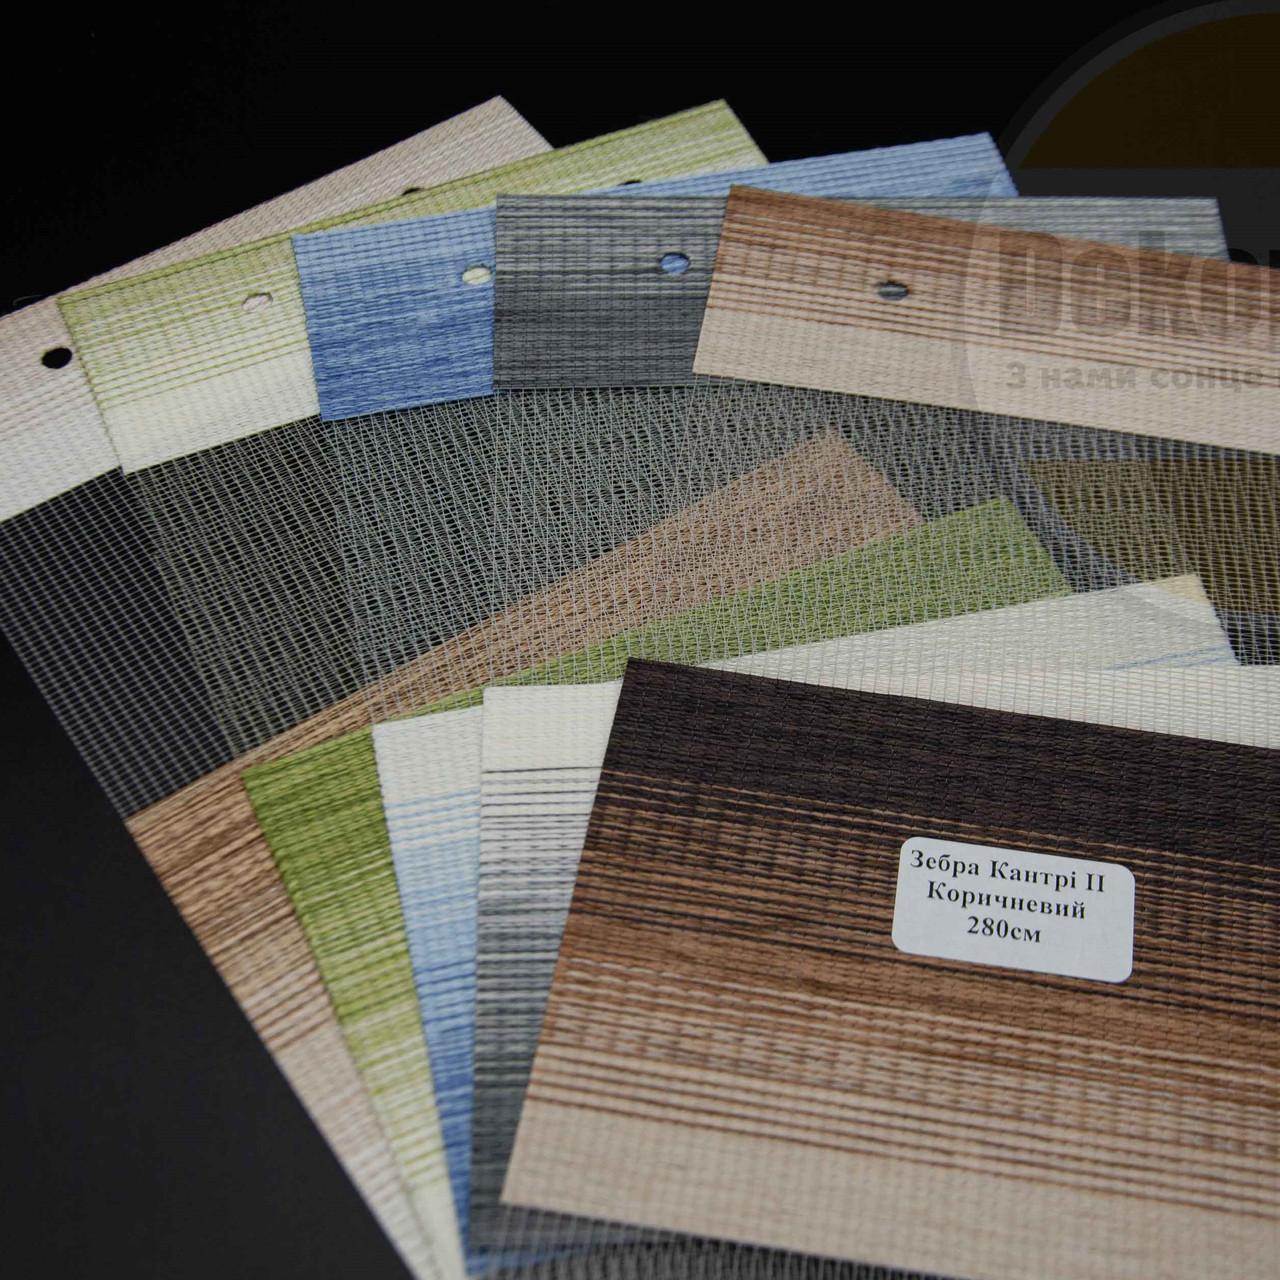 Рулонні штори День-Ніч Зебра Кантрі 2 (5 варіантів кольору)